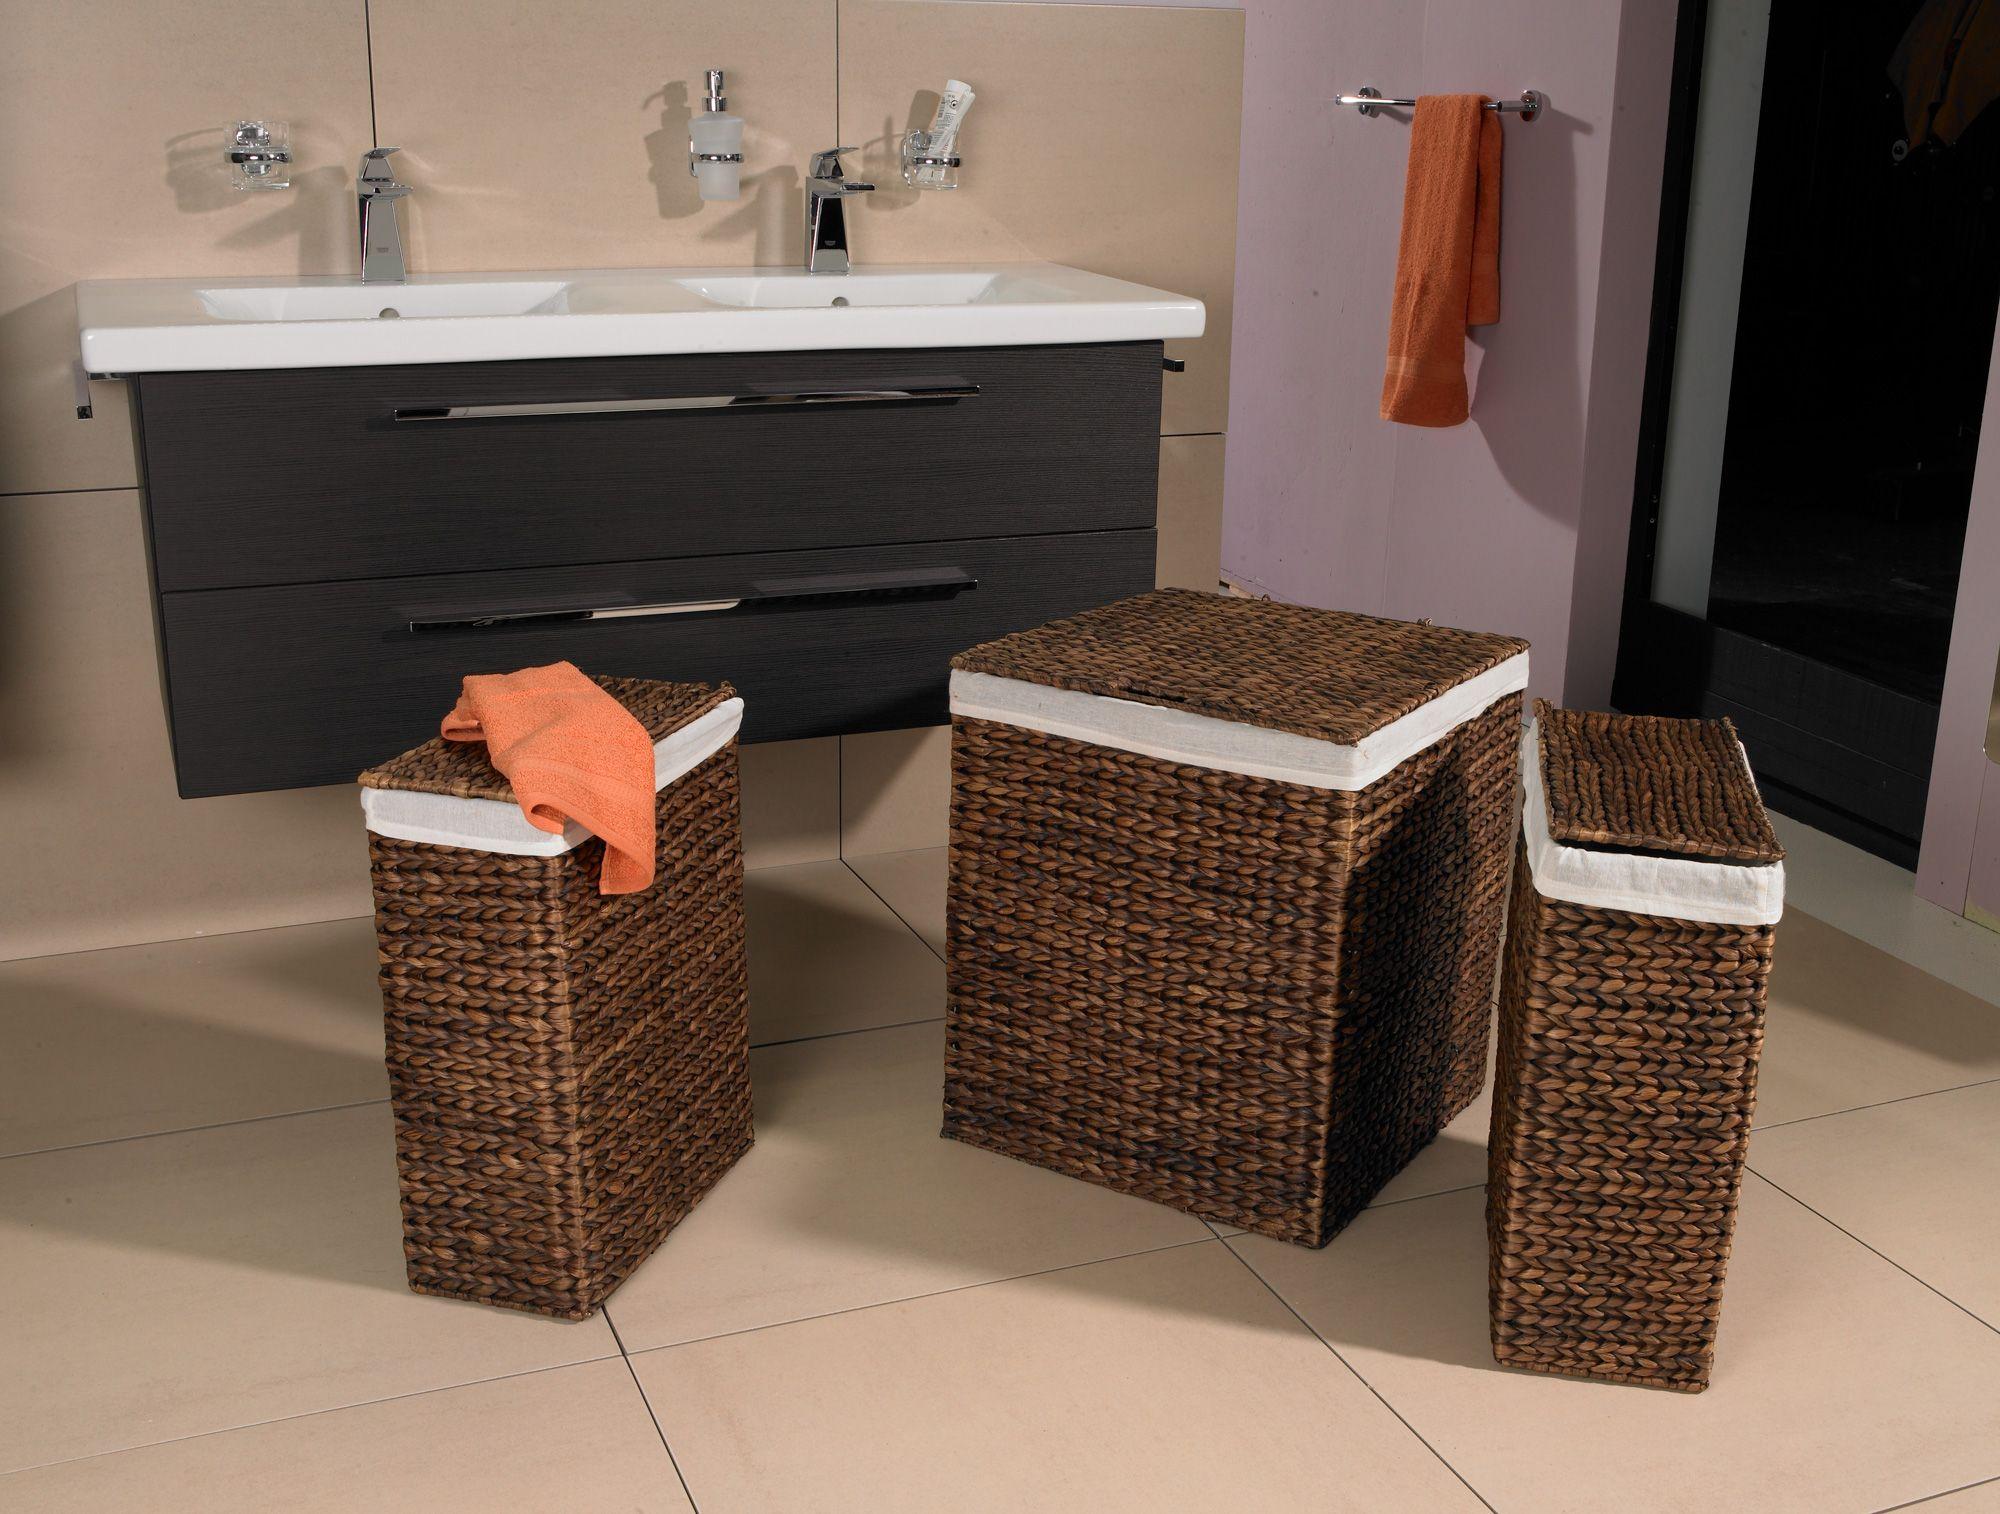 Waschebehalter 3er Set Wasserhyazinthe Braun Waschekorbe Waschesammler Waschebehalter Waschetruhe Aufbewahrungsbox Mit Deck Diy Storage Vanity Bathroom Vanity